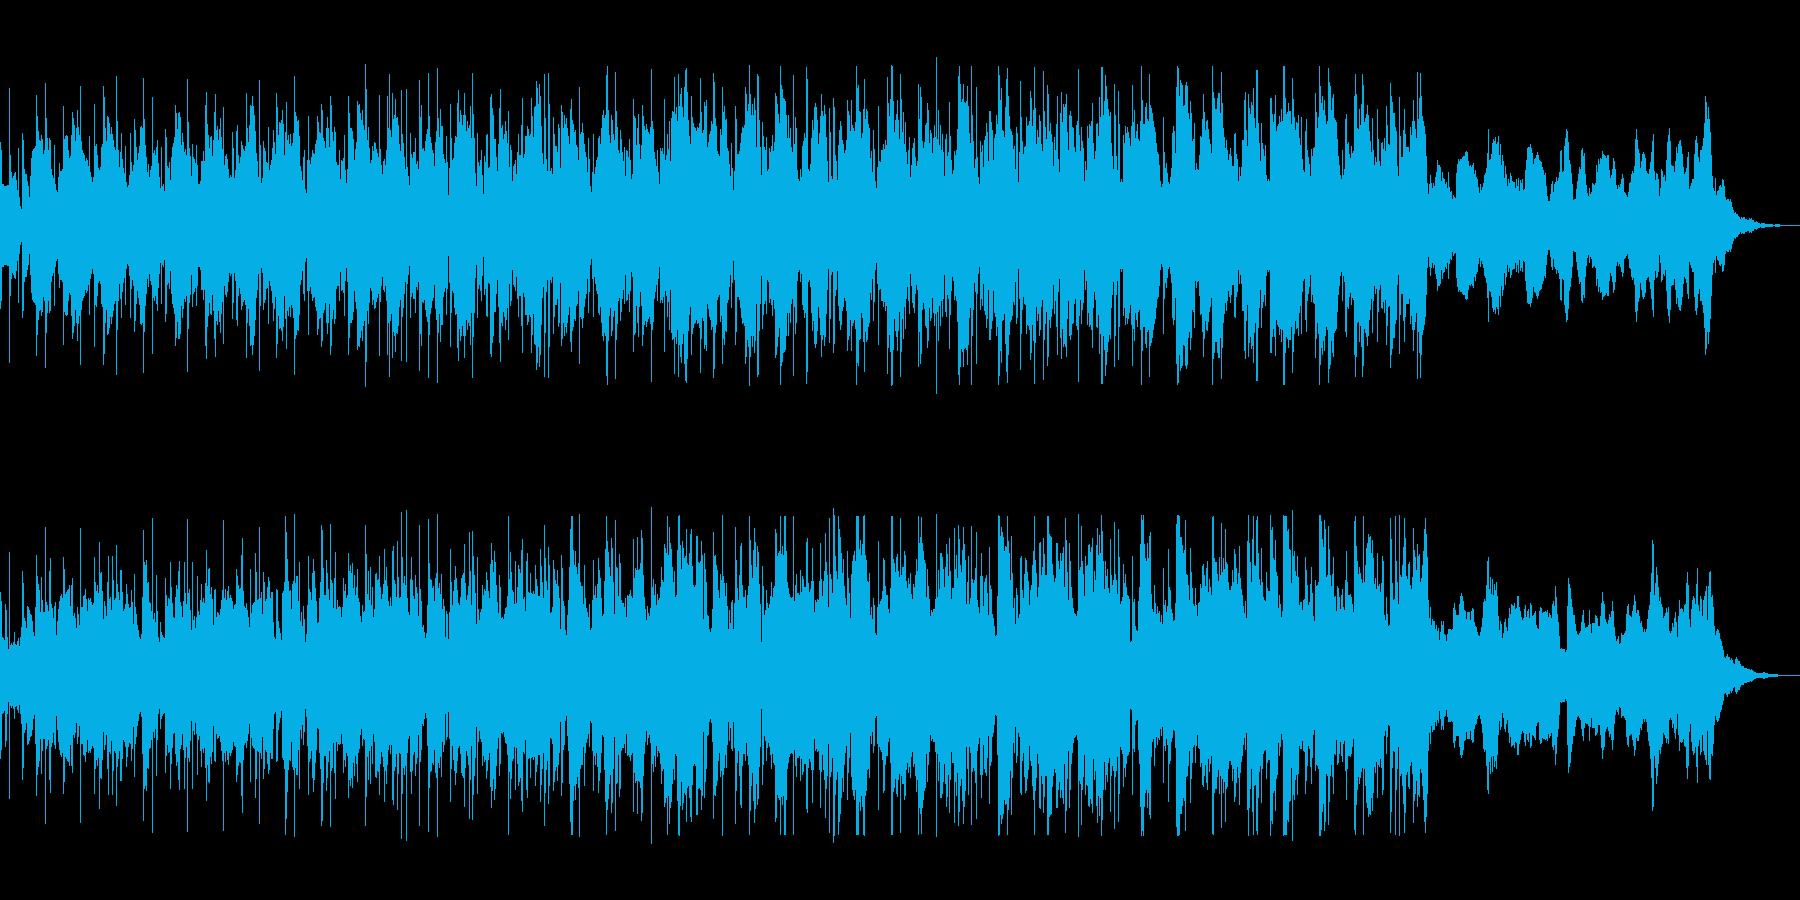 幻想的な雰囲気のミュージックの再生済みの波形